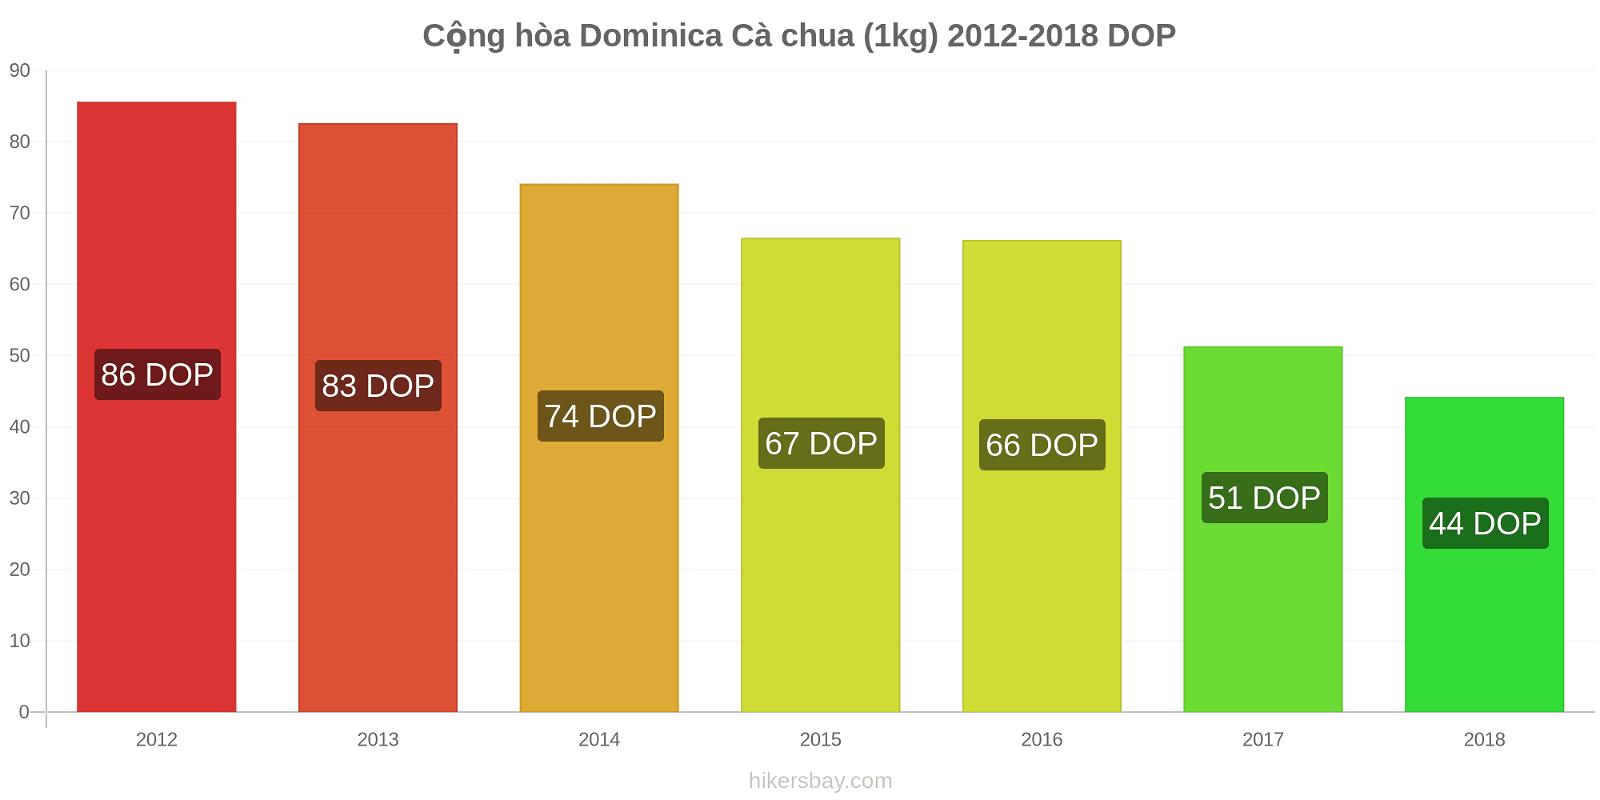 Cộng hòa Dominica thay đổi giá Cà chua (1kg) hikersbay.com